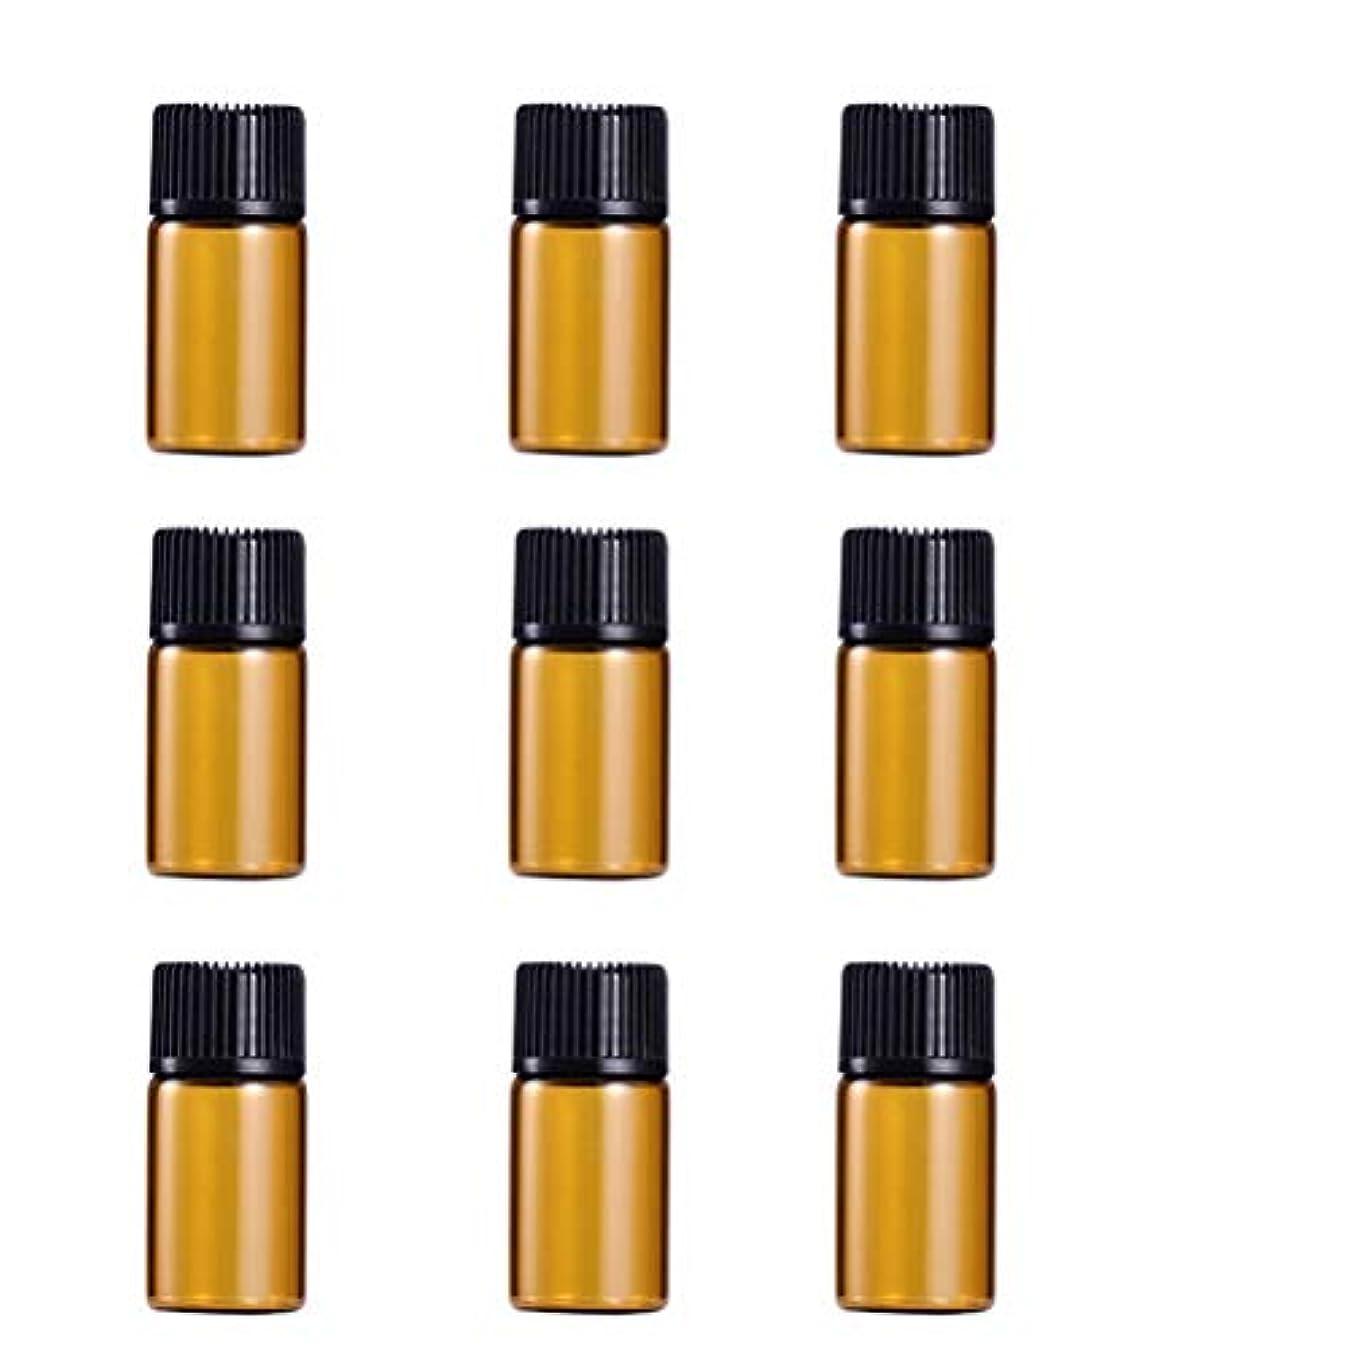 土器時折成長するWINOMO 遮光瓶 アロマオイル 精油 小分け用 遮光瓶セット アロマボトル 保存容器 エッセンシャルオイル 香水 保存用 詰替え ガラス 茶色(9個入り 3ml)